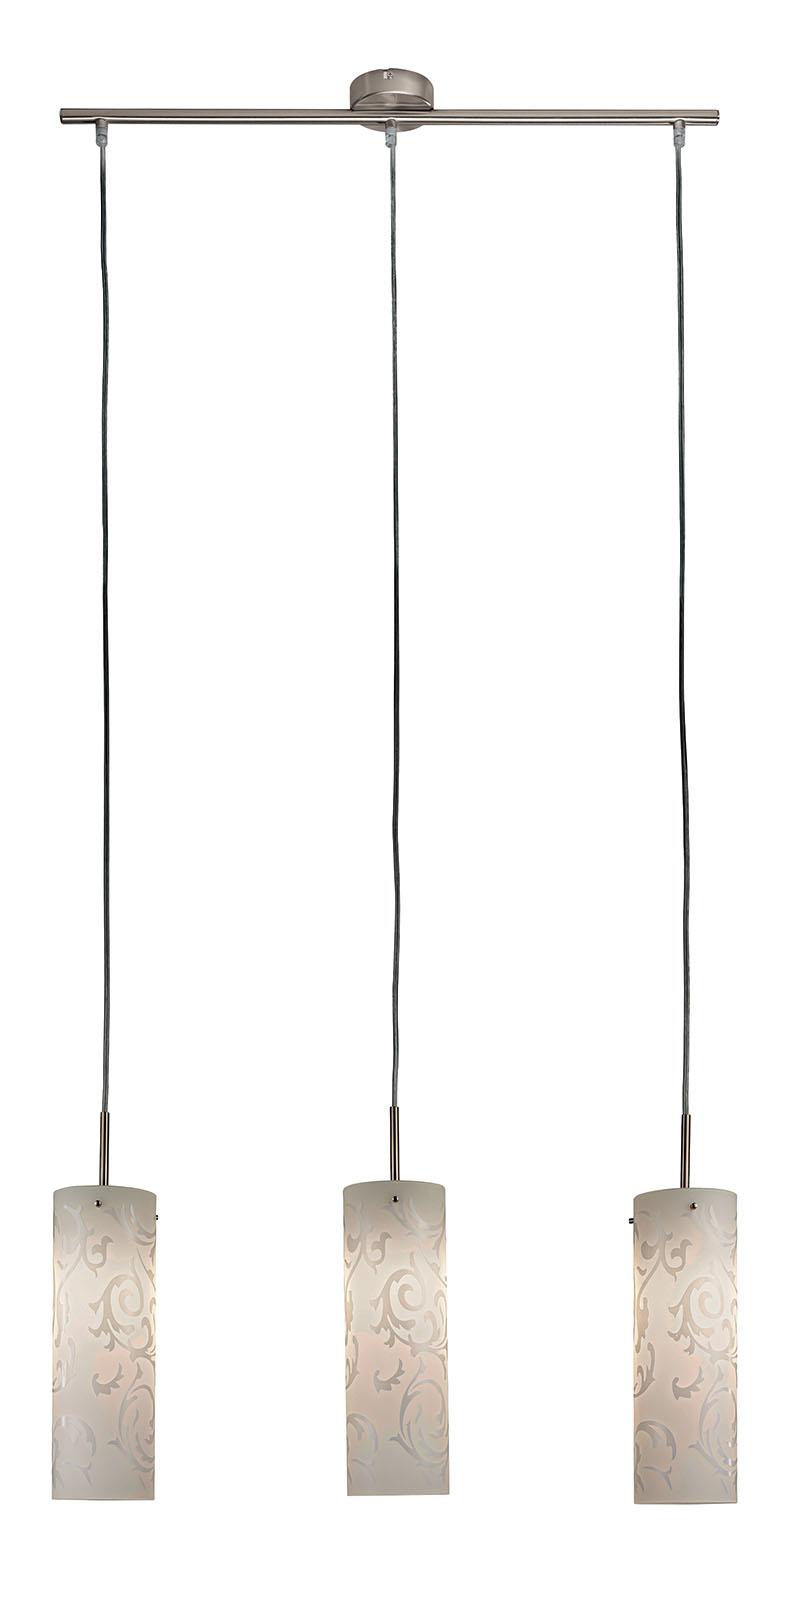 deckenleuchte pendel led h ngend ean463 deckenleuchte esstischlampe. Black Bedroom Furniture Sets. Home Design Ideas